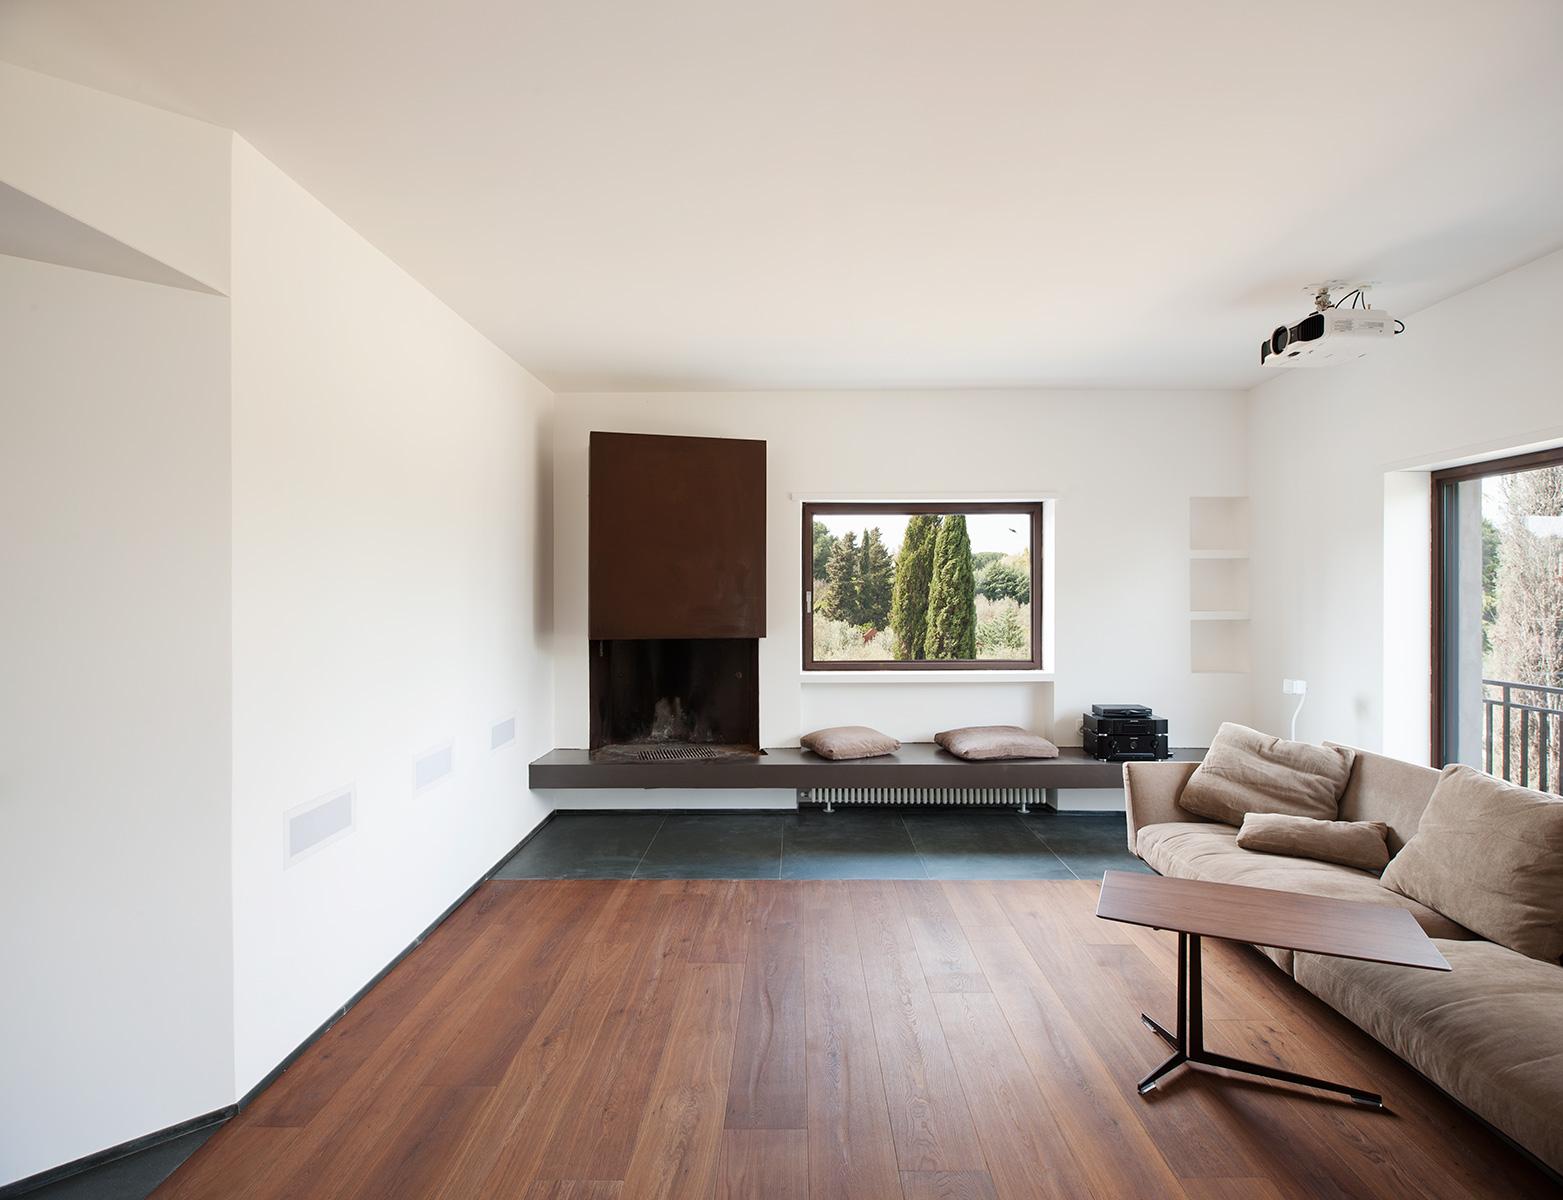 Lozzi realizza per il progetto residenziale dell'Architetto Patrizia Micozzi